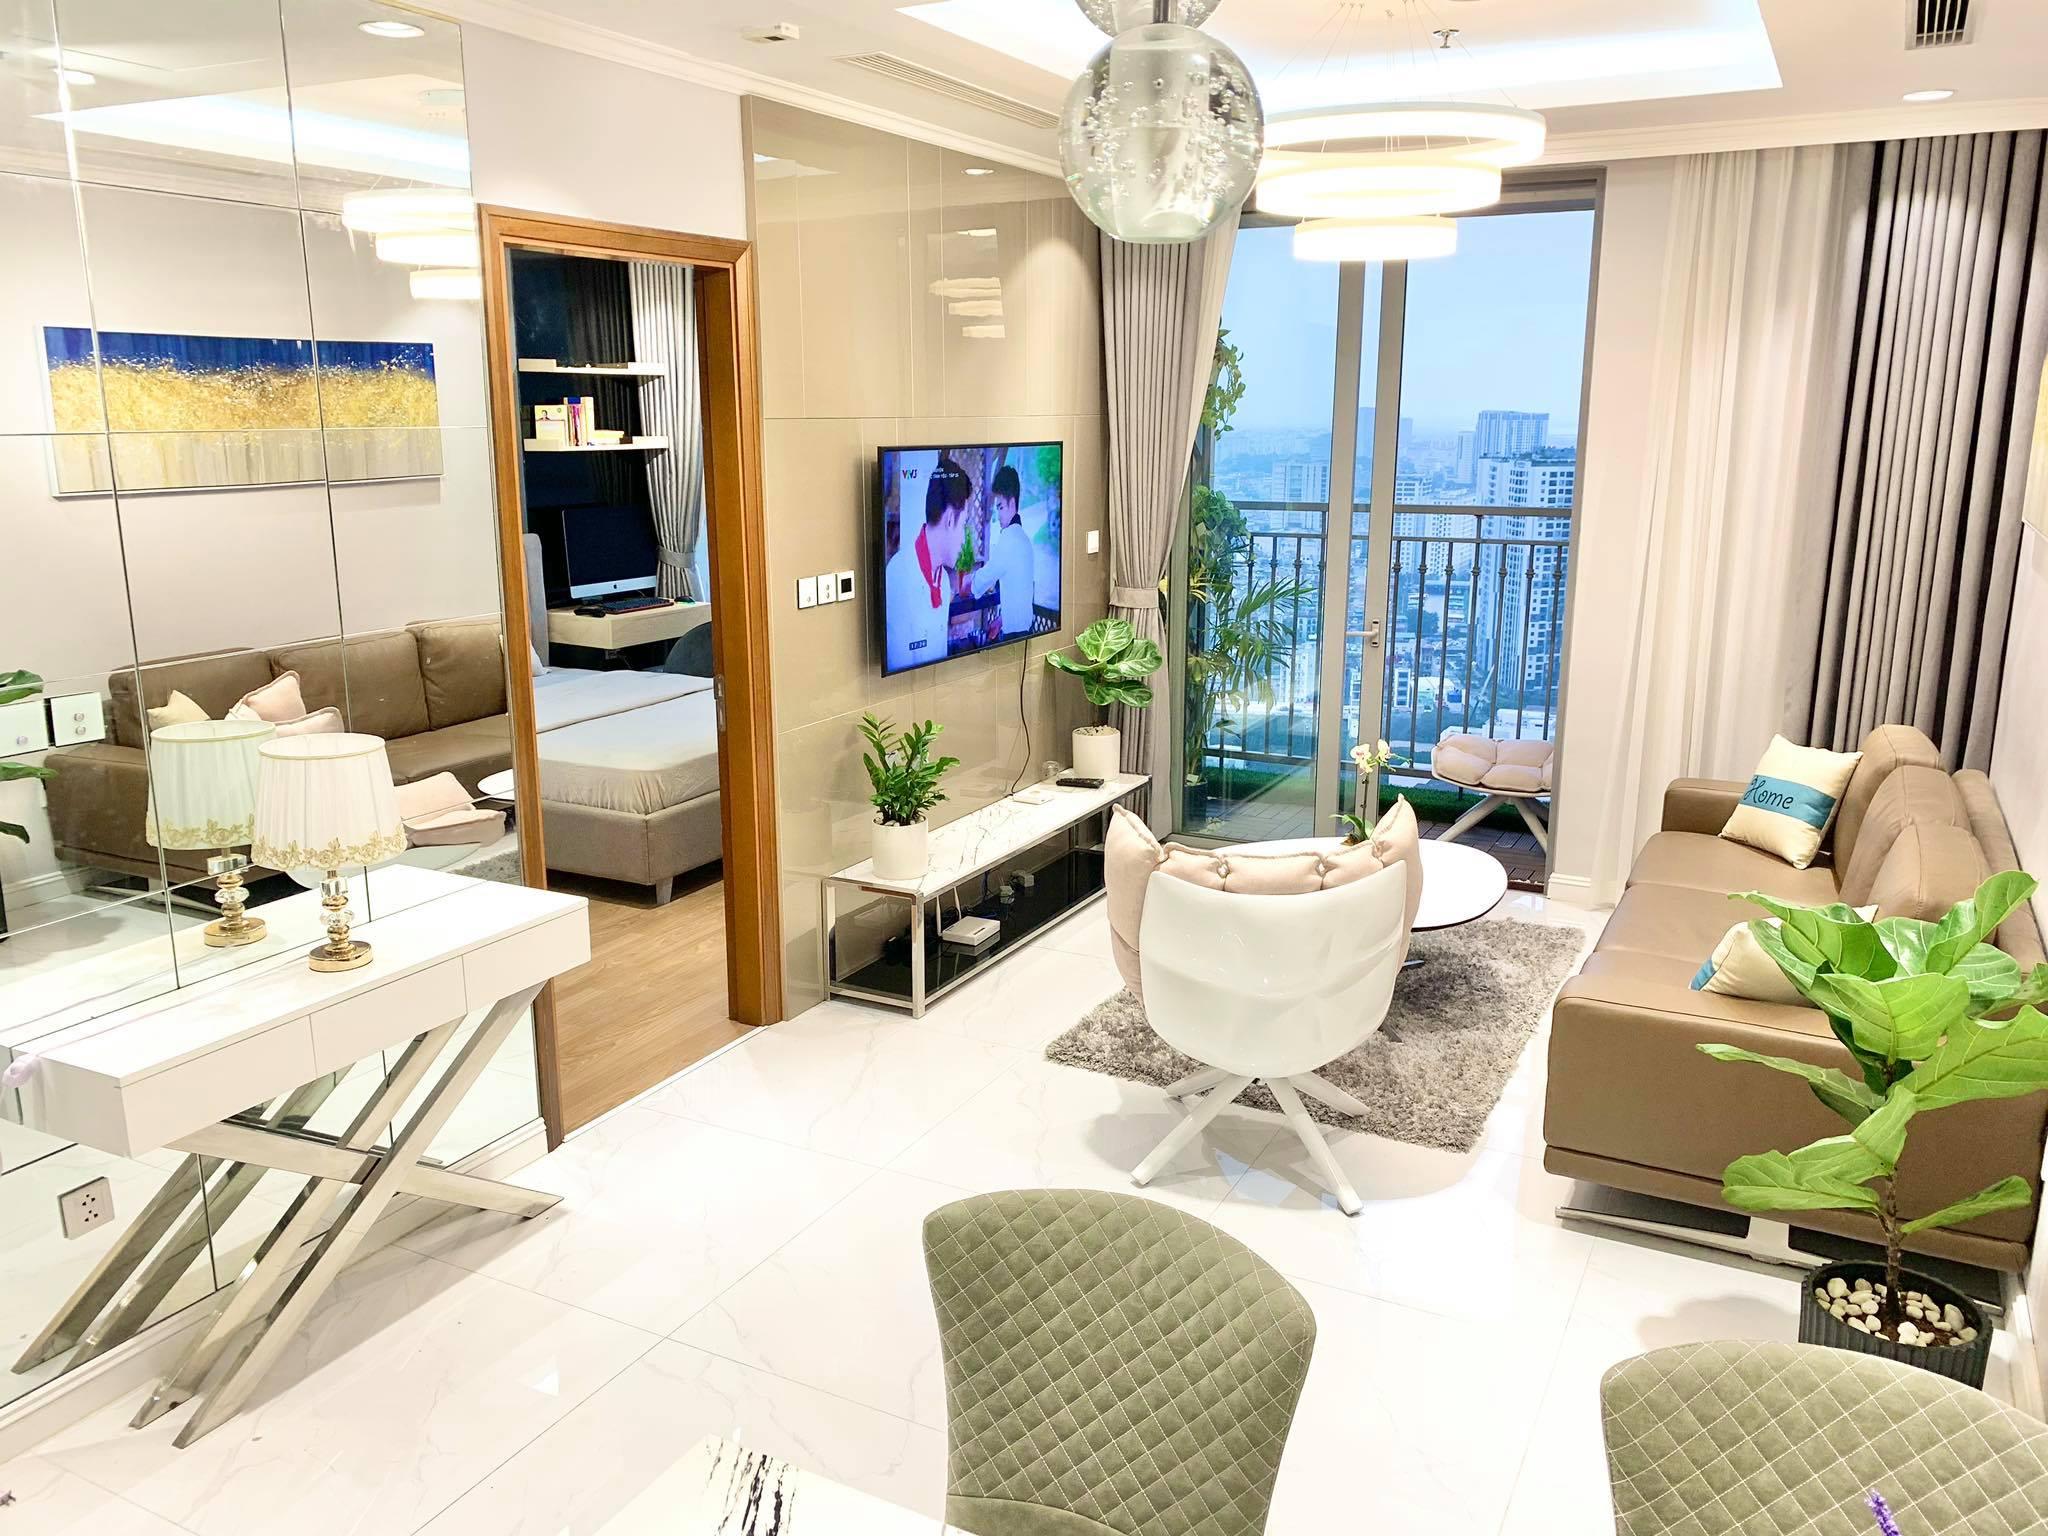 Căn hộ 79m² view trọn Hà Nội được chàng trai độc thân tự tay chọn đồ với chi phí 330 triệu đồng - Ảnh 2.